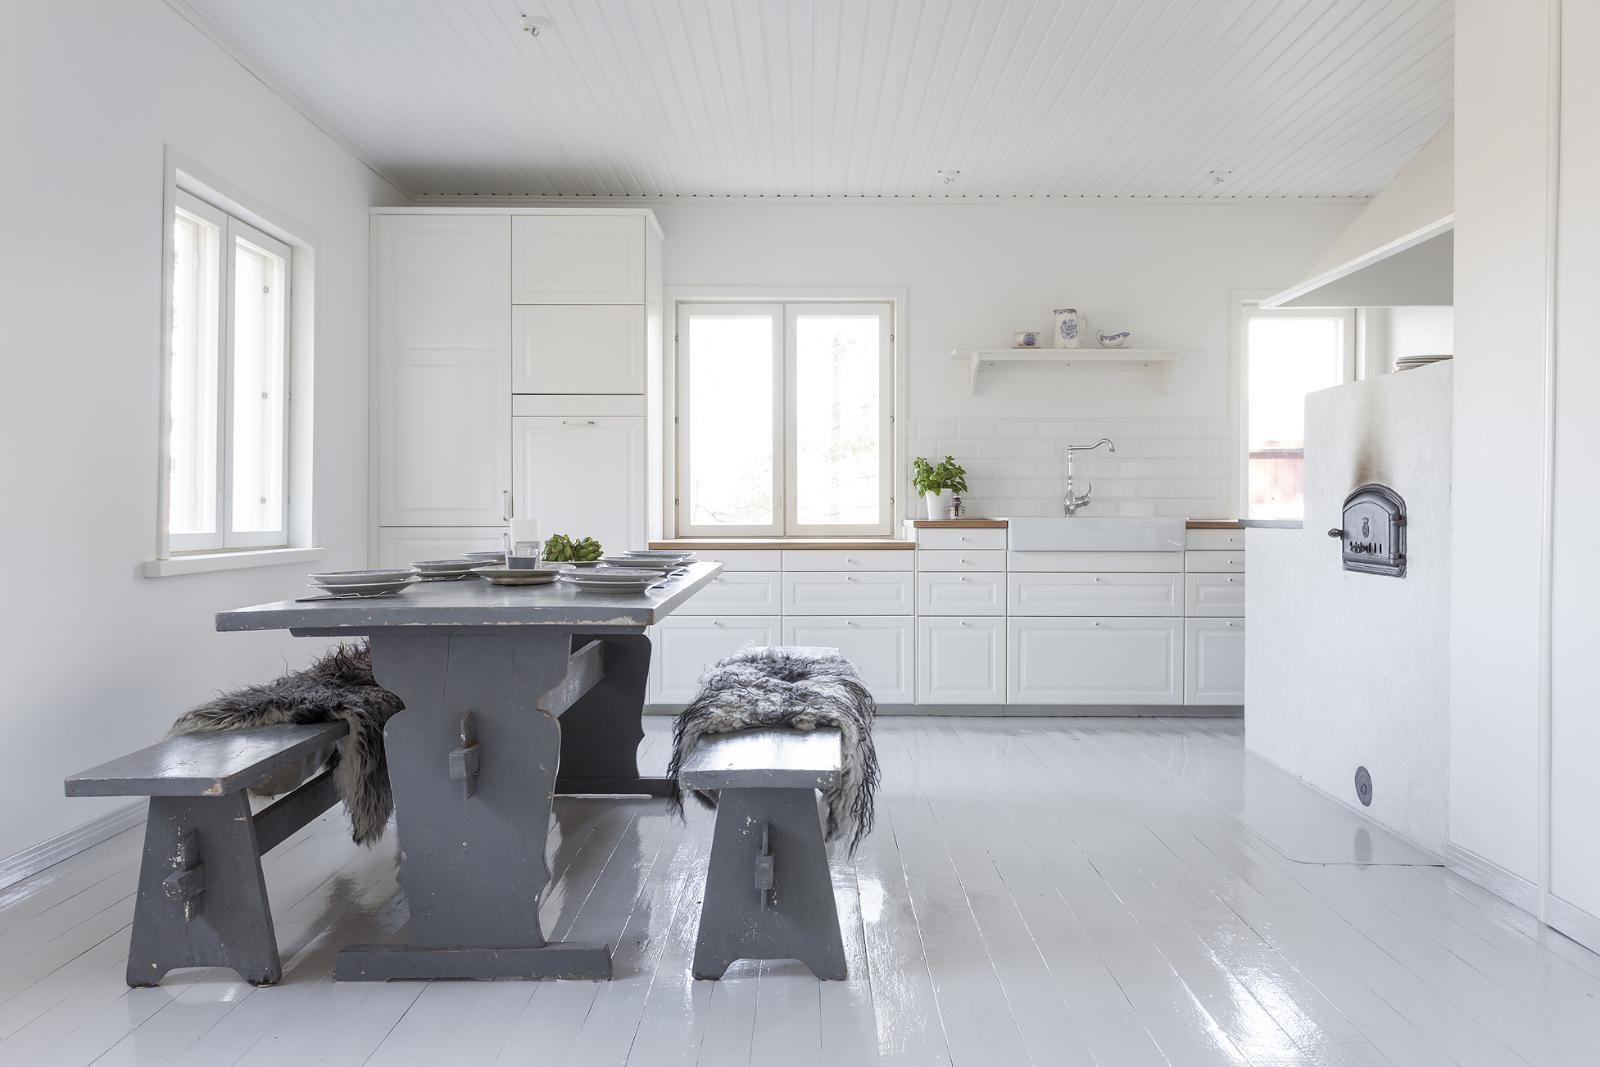 Maalaistalon reilunkokoinen keittiö  Etuovi com Ideat & vinkit